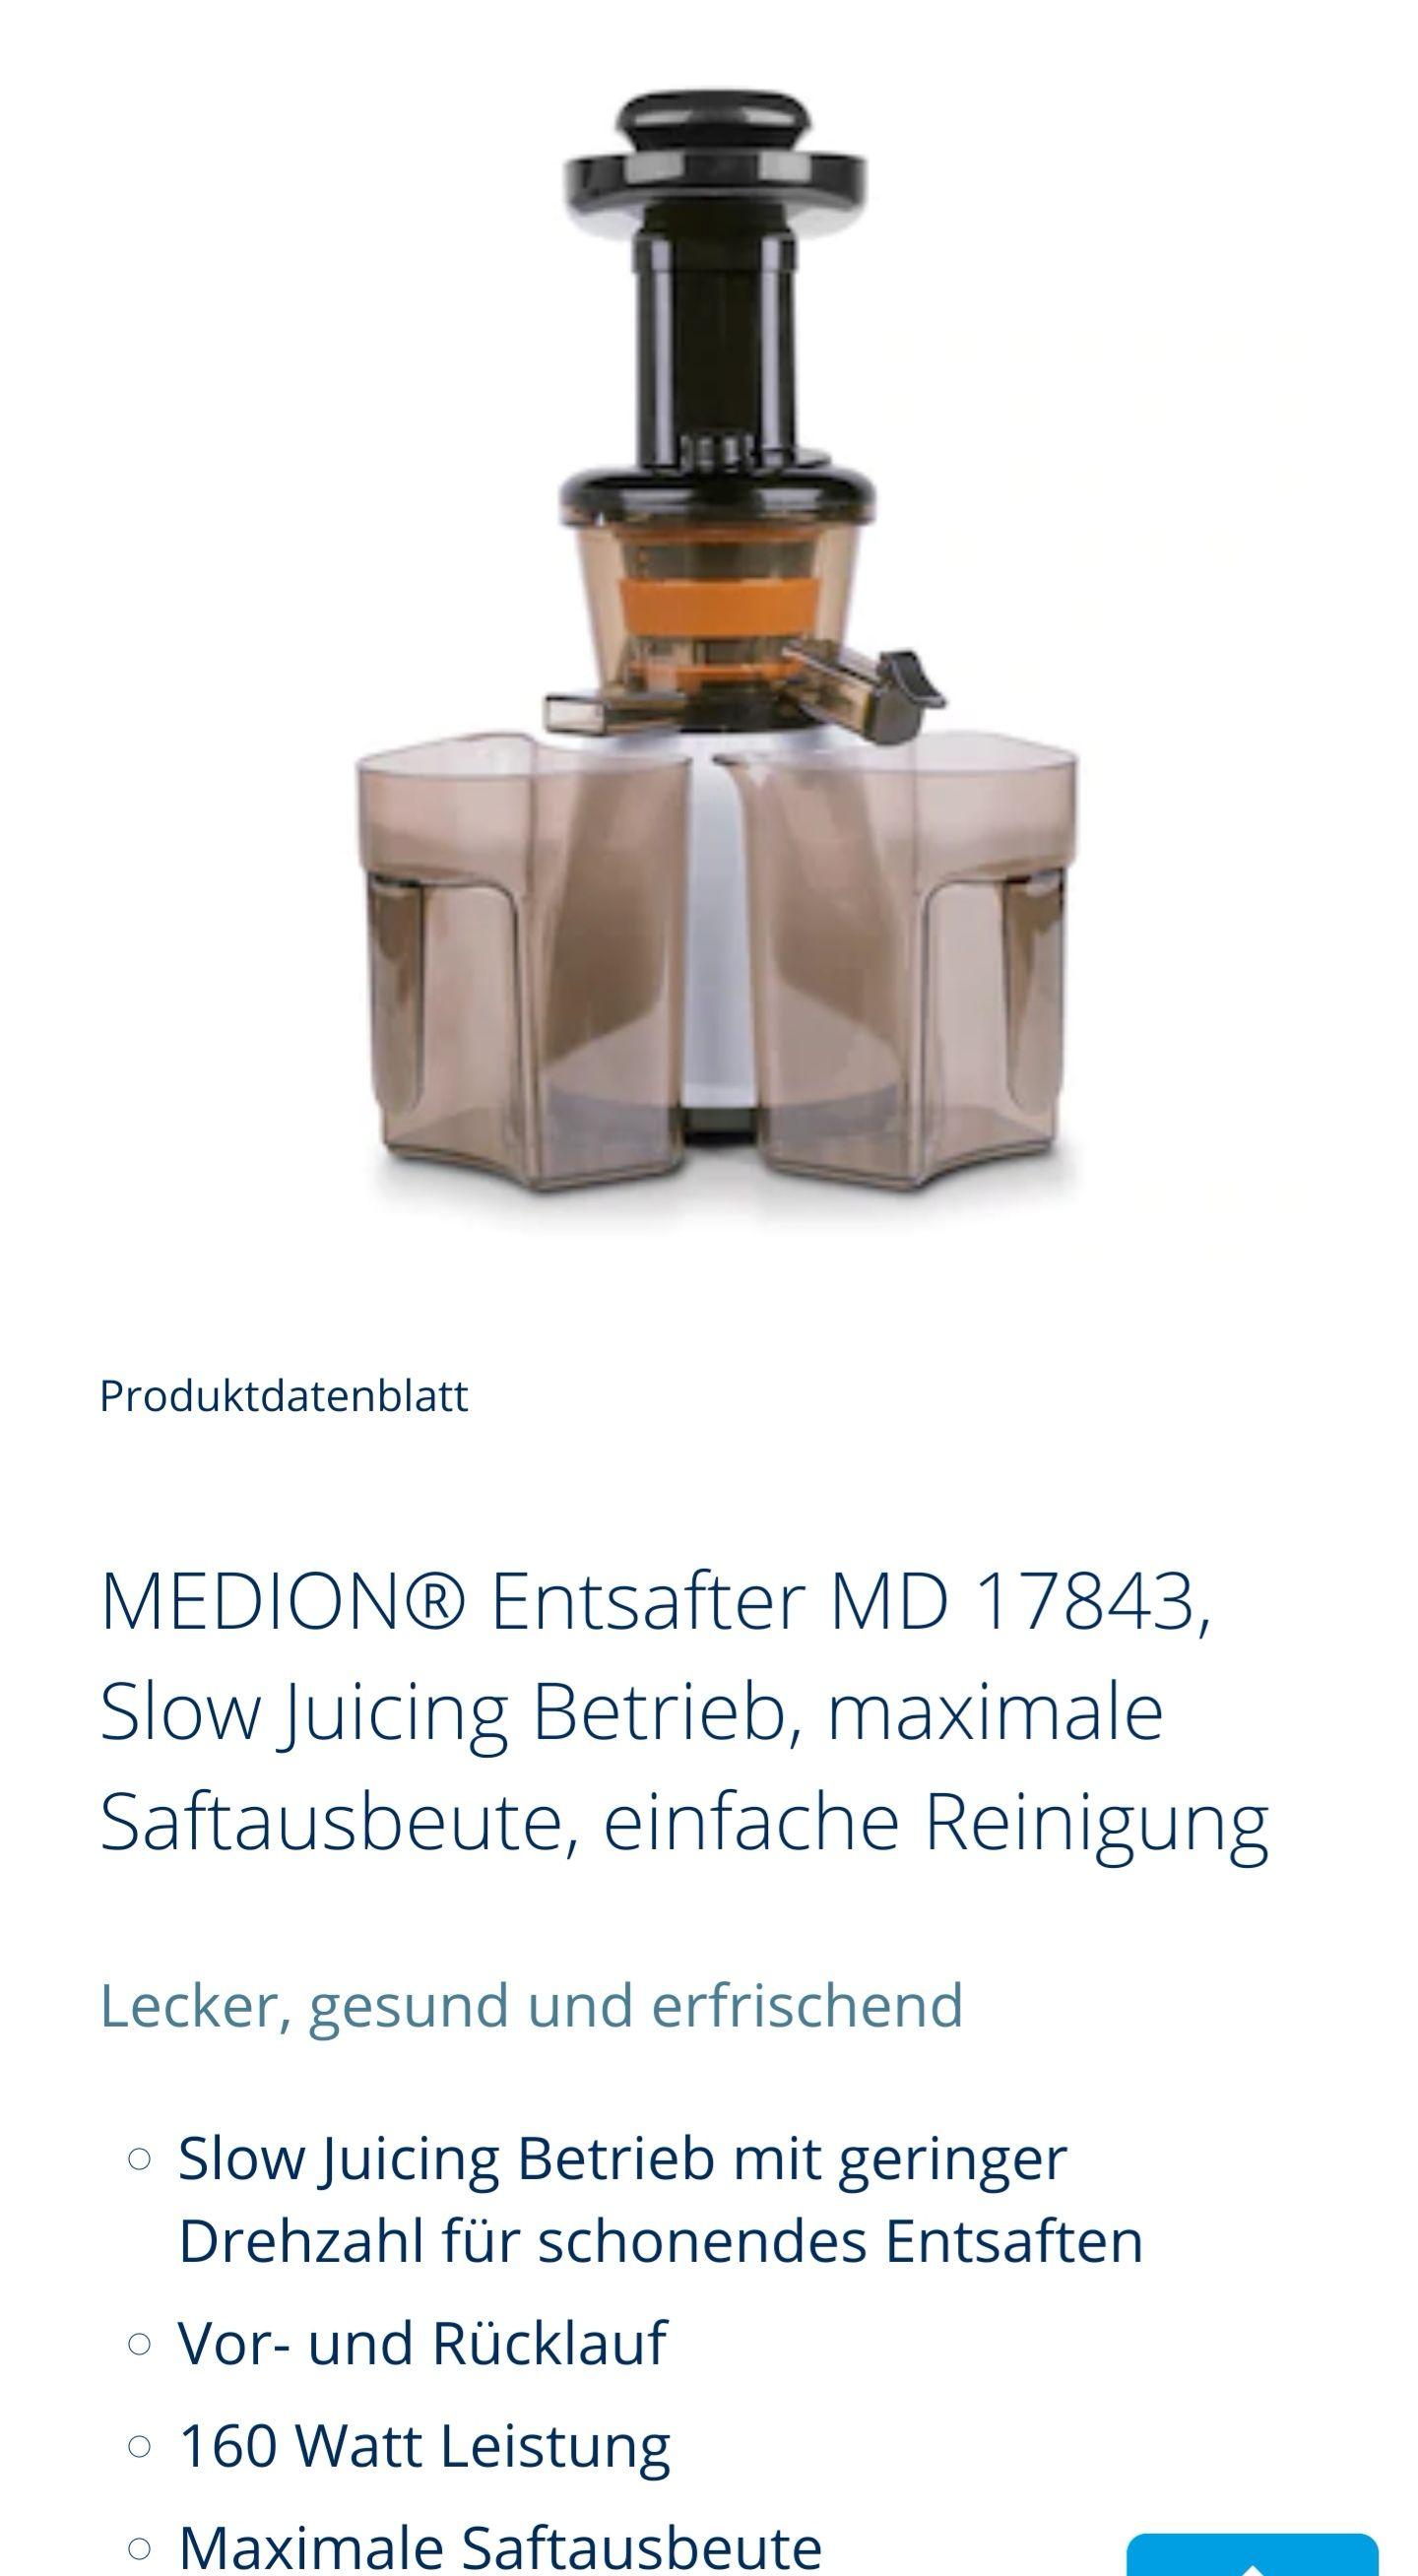 MEDION® Entsafter MD 17843, Slow Juicing Betrieb, maximale Saftausbeute, einfache Reinigung